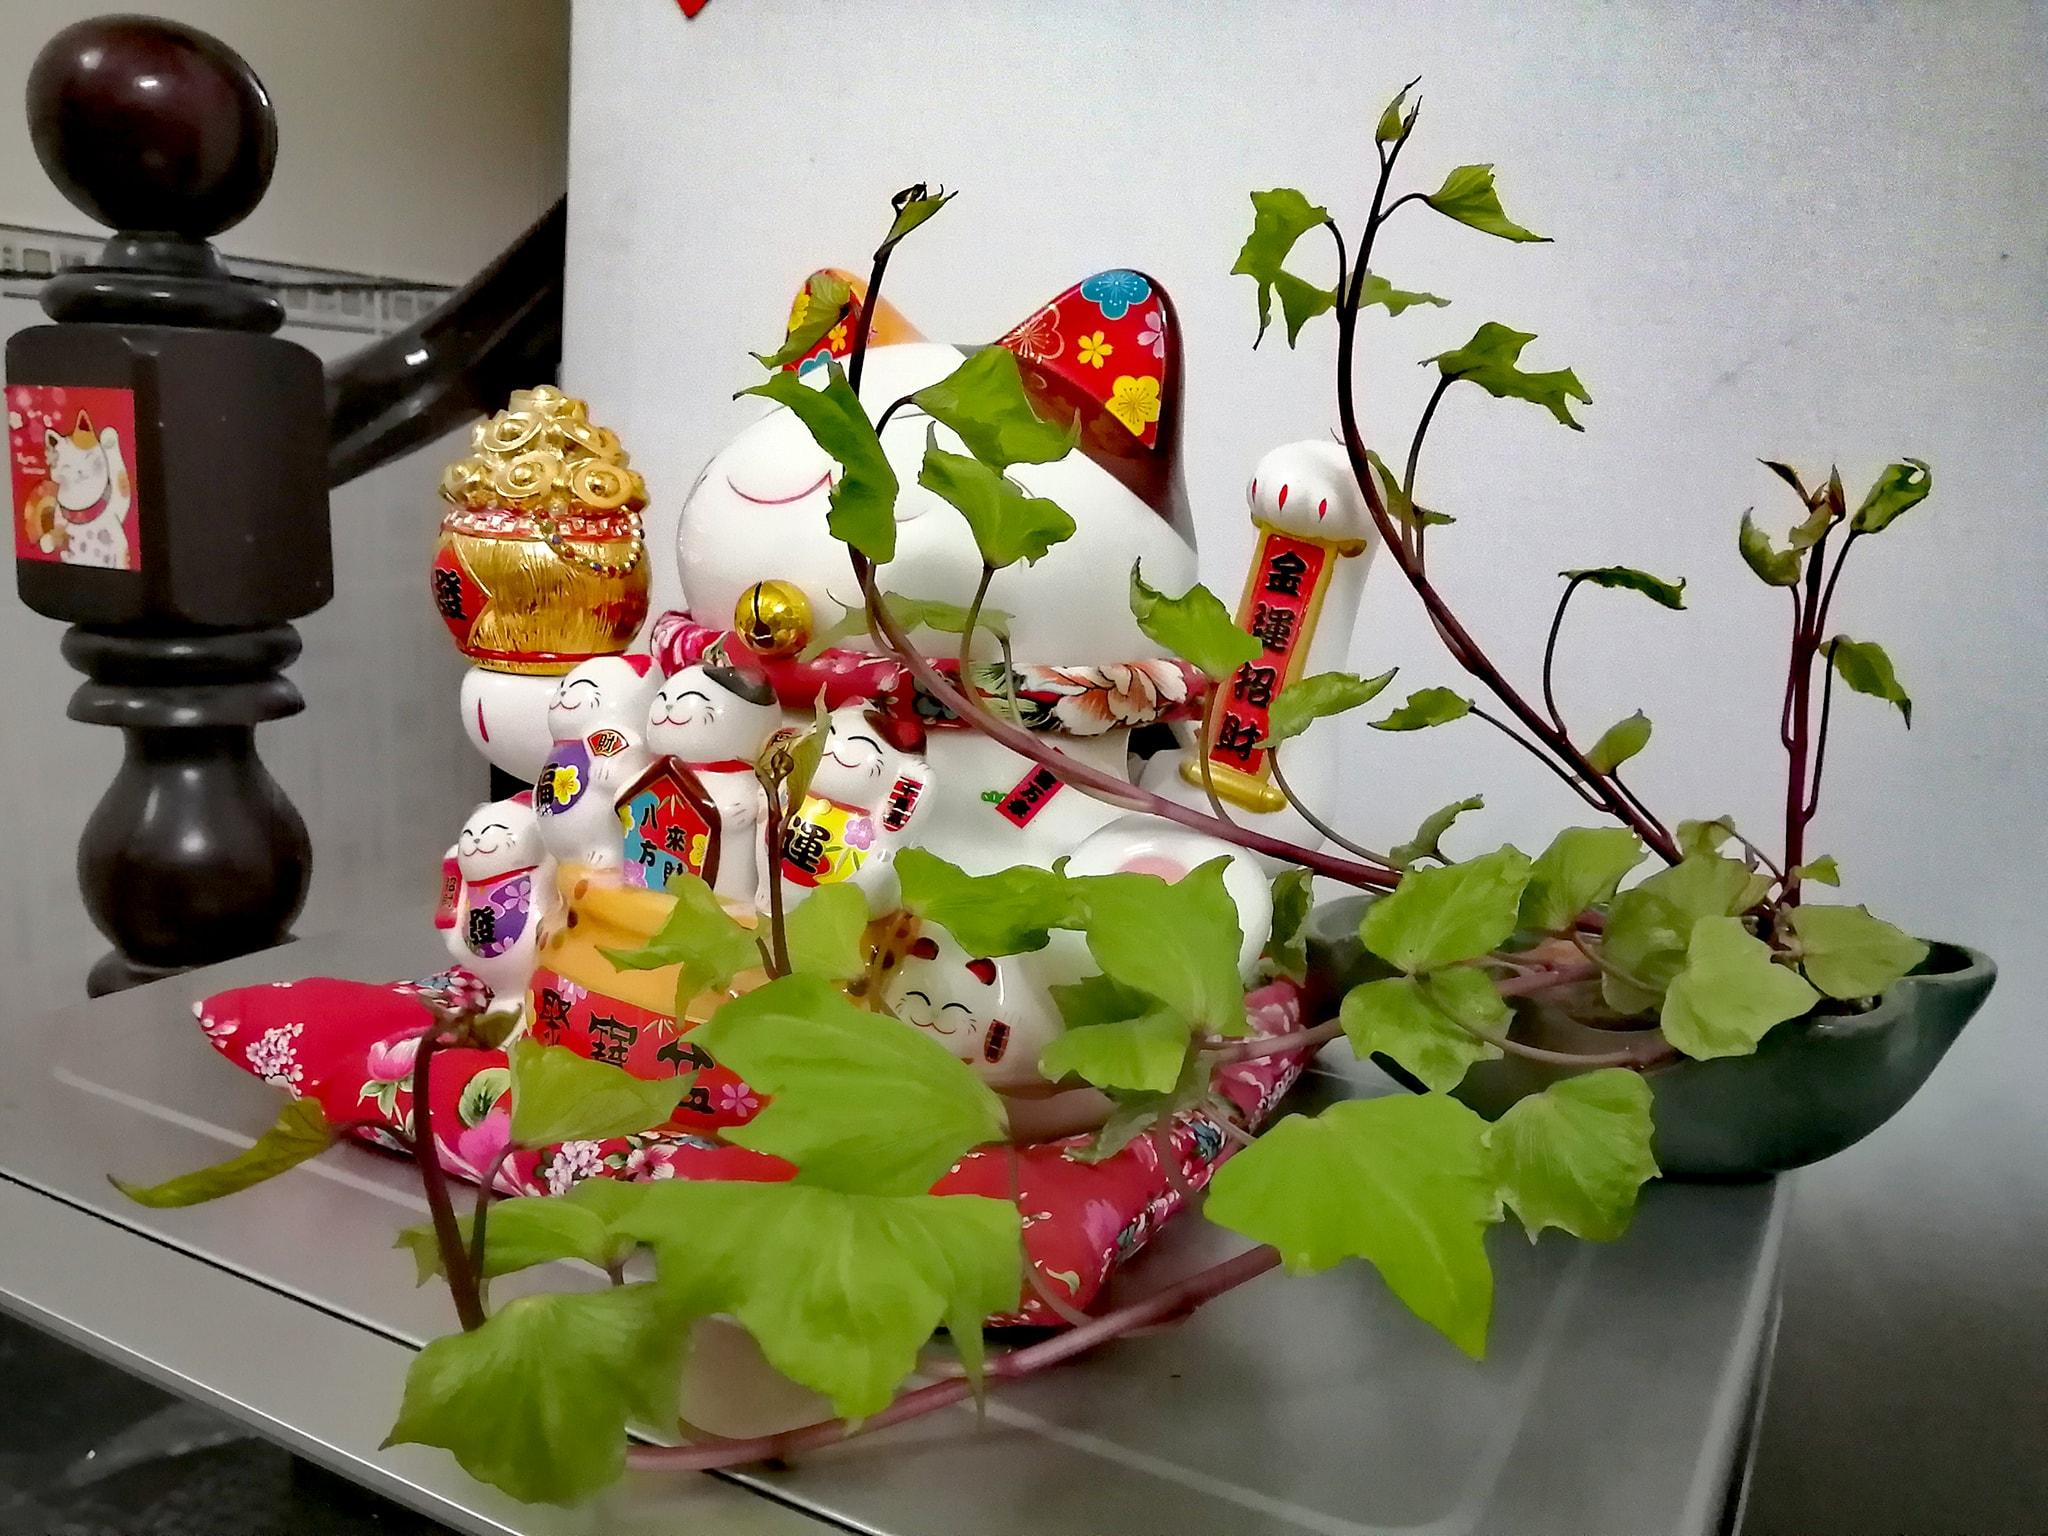 Trồng khoai lang bonsai làm đẹp nhà với các bước dễ vô cùng mà nói ra ai cũng sẽ làm được - Ảnh 5.